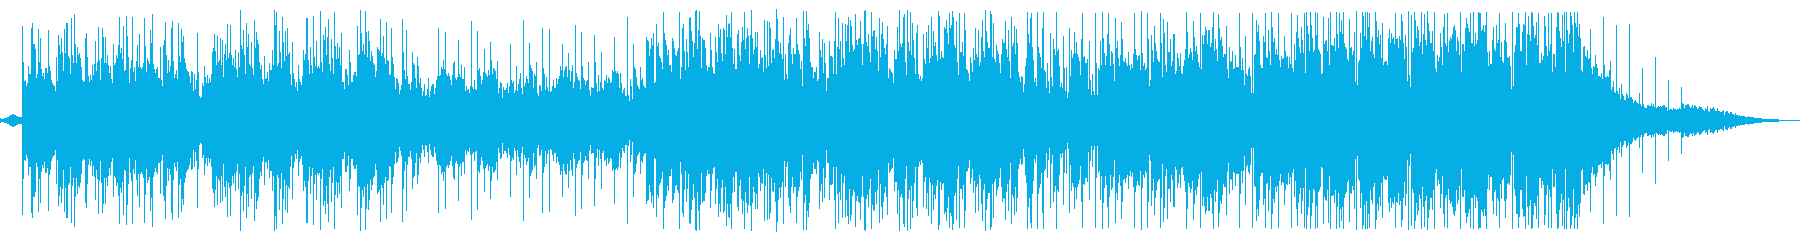 明るいピアノメロディーの滑らかなサウンドの再生済みの波形